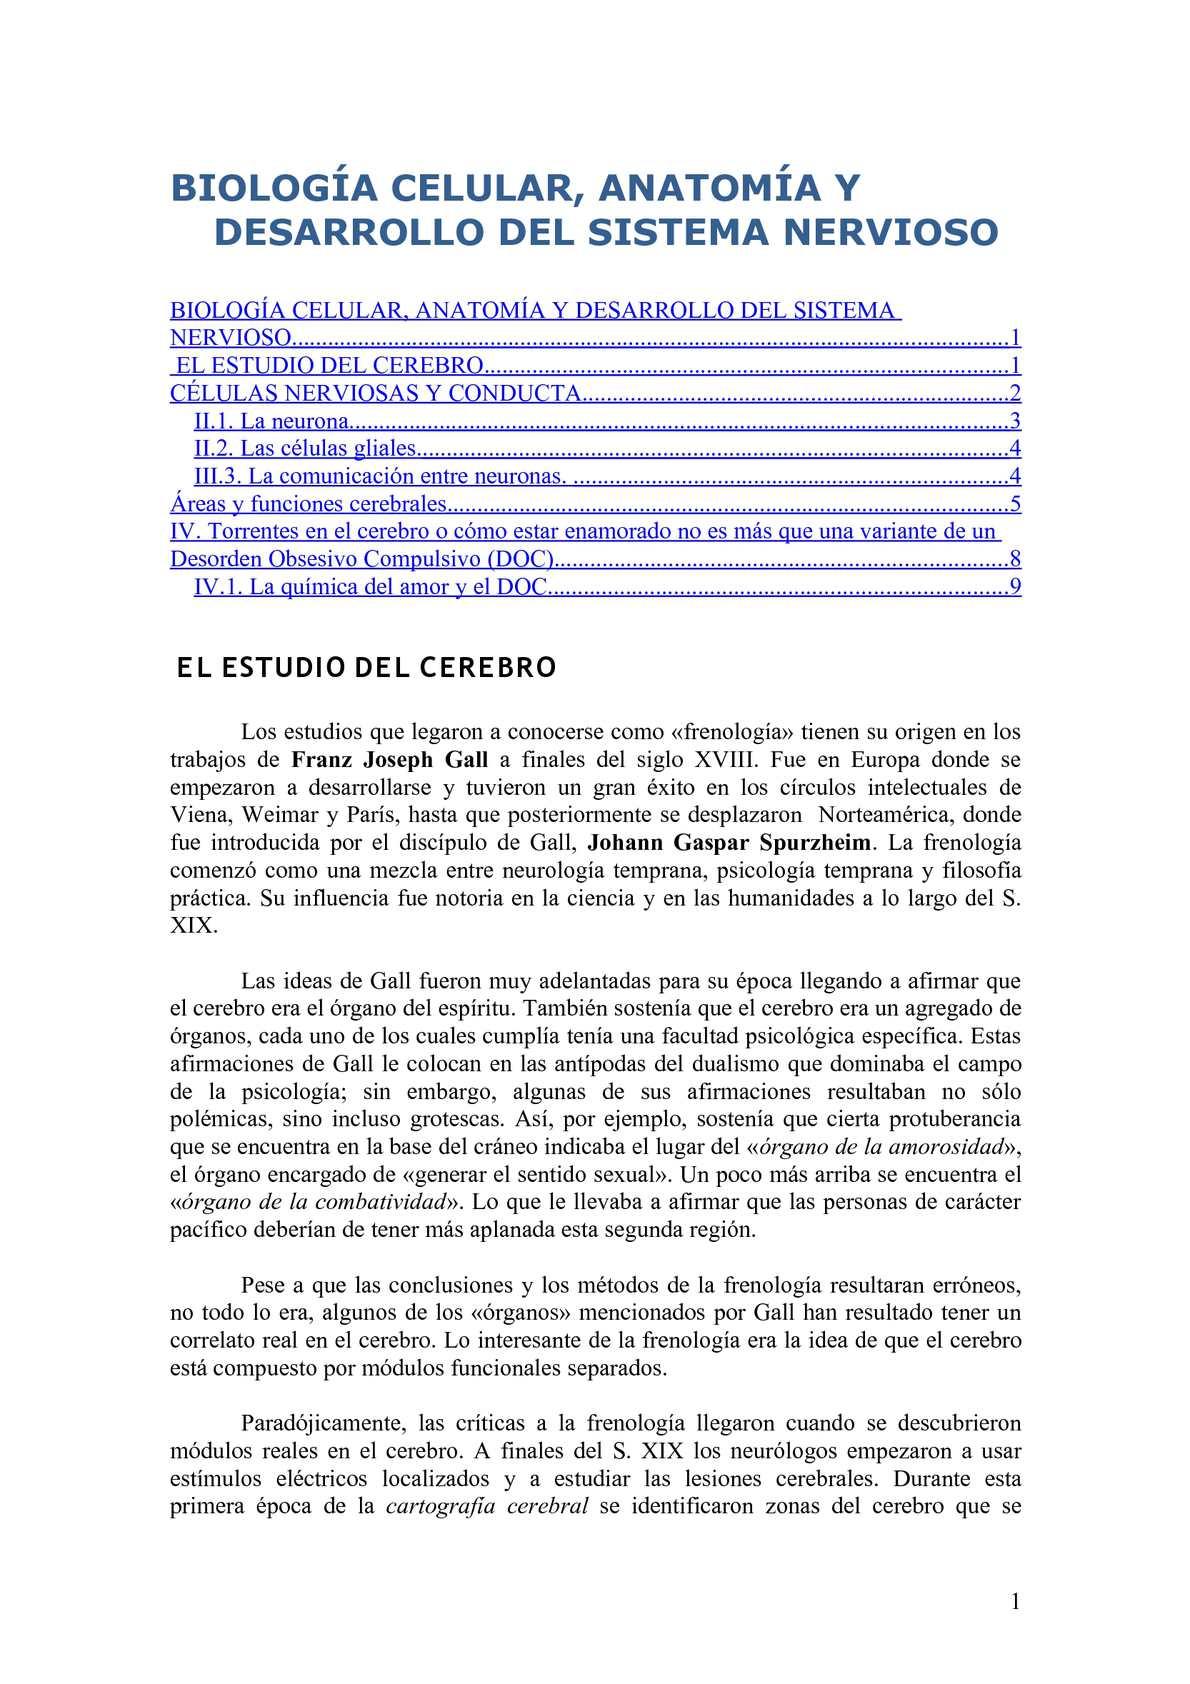 Calaméo - Biología celular, anatomía y desarrollo del sistema nervioso